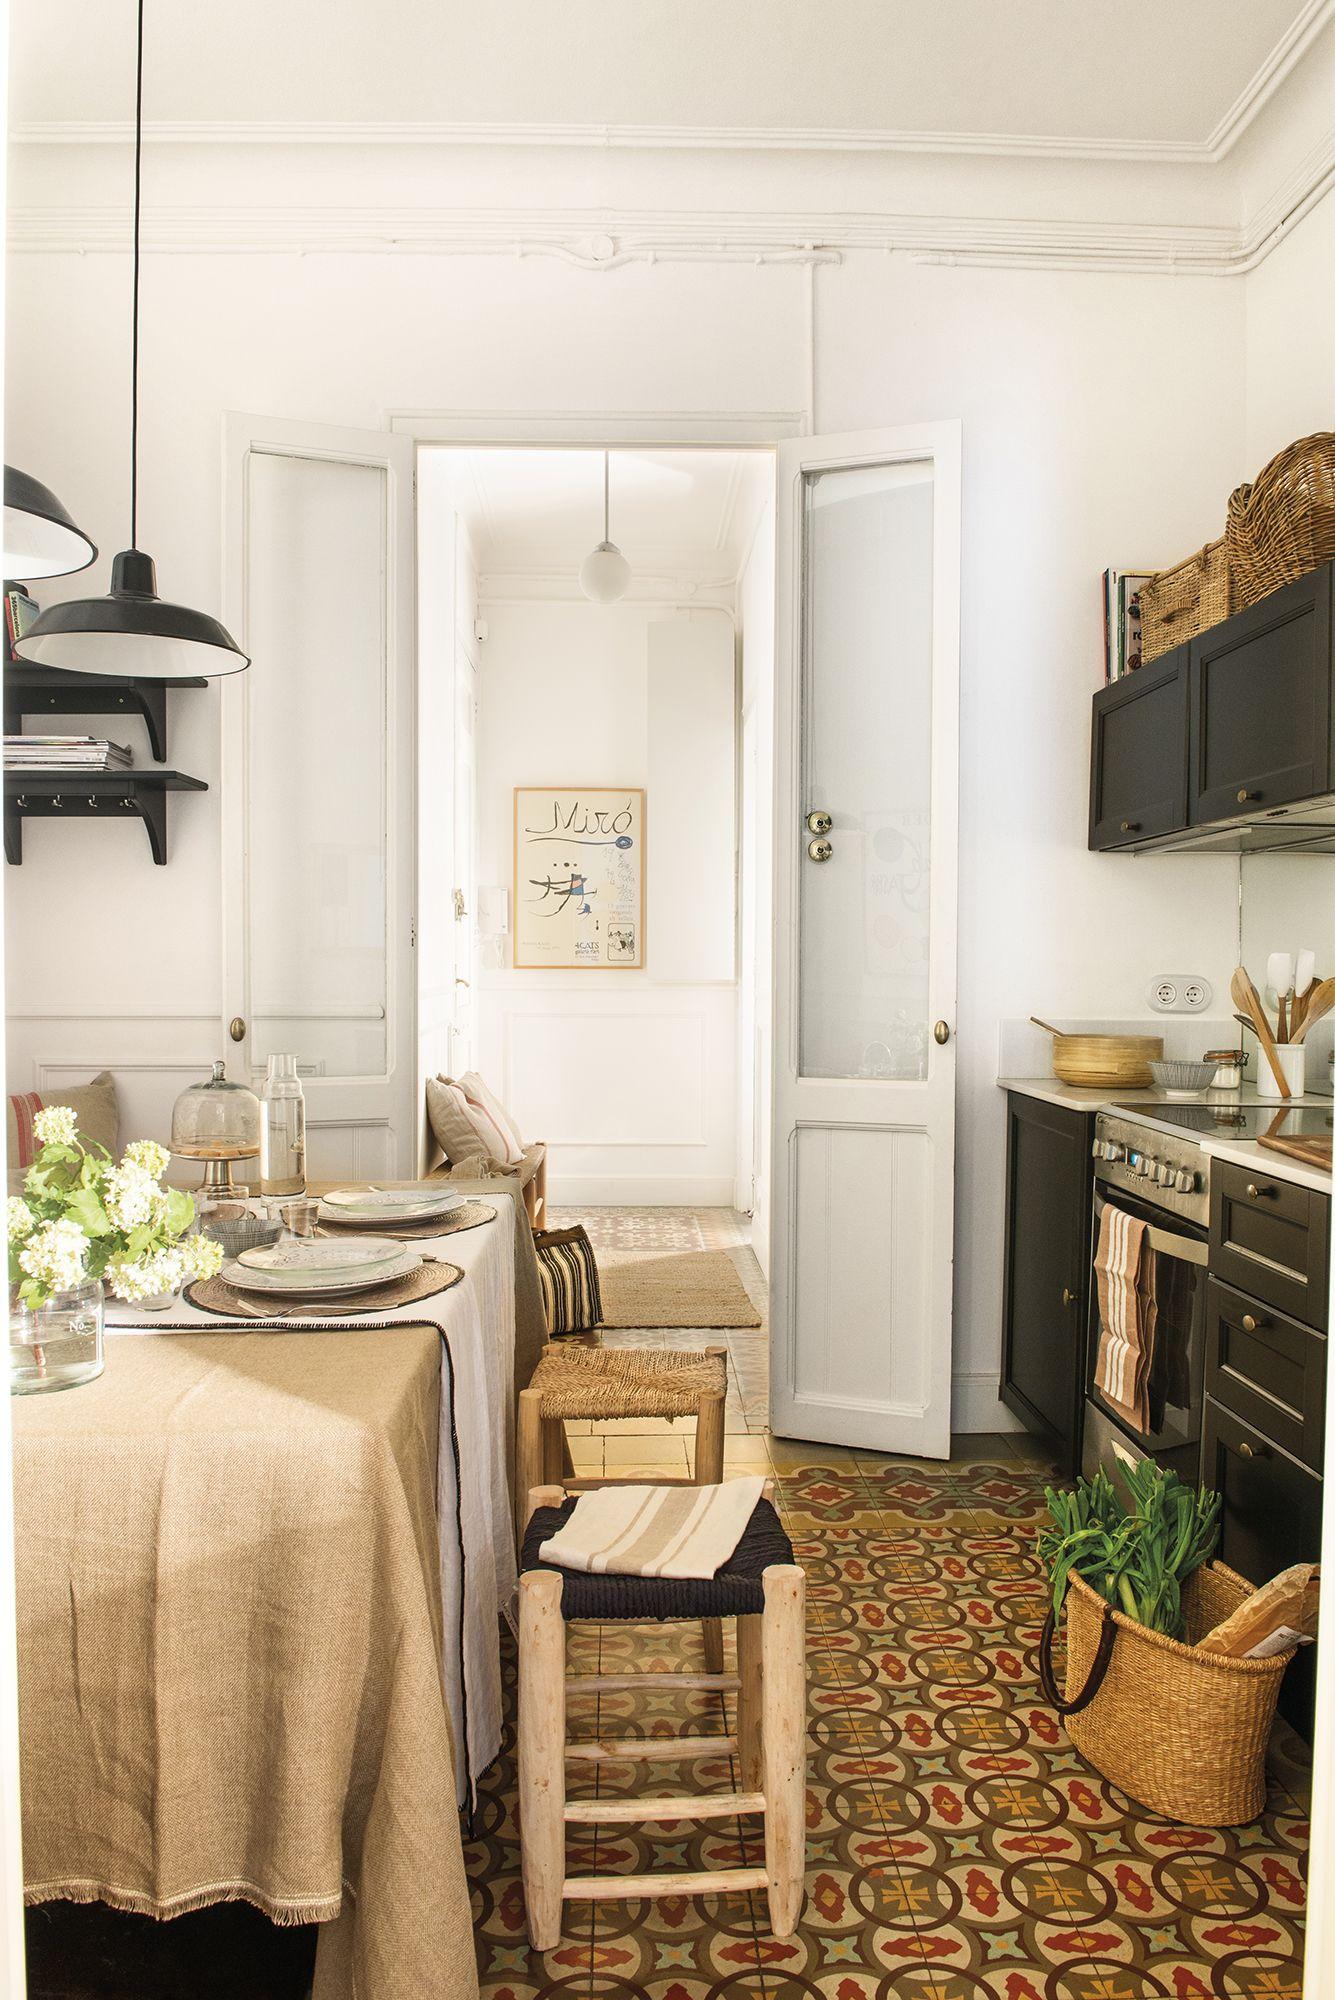 La cocina en la entrada fue la soluci n a esta casa - Como decorar la entrada de un piso ...